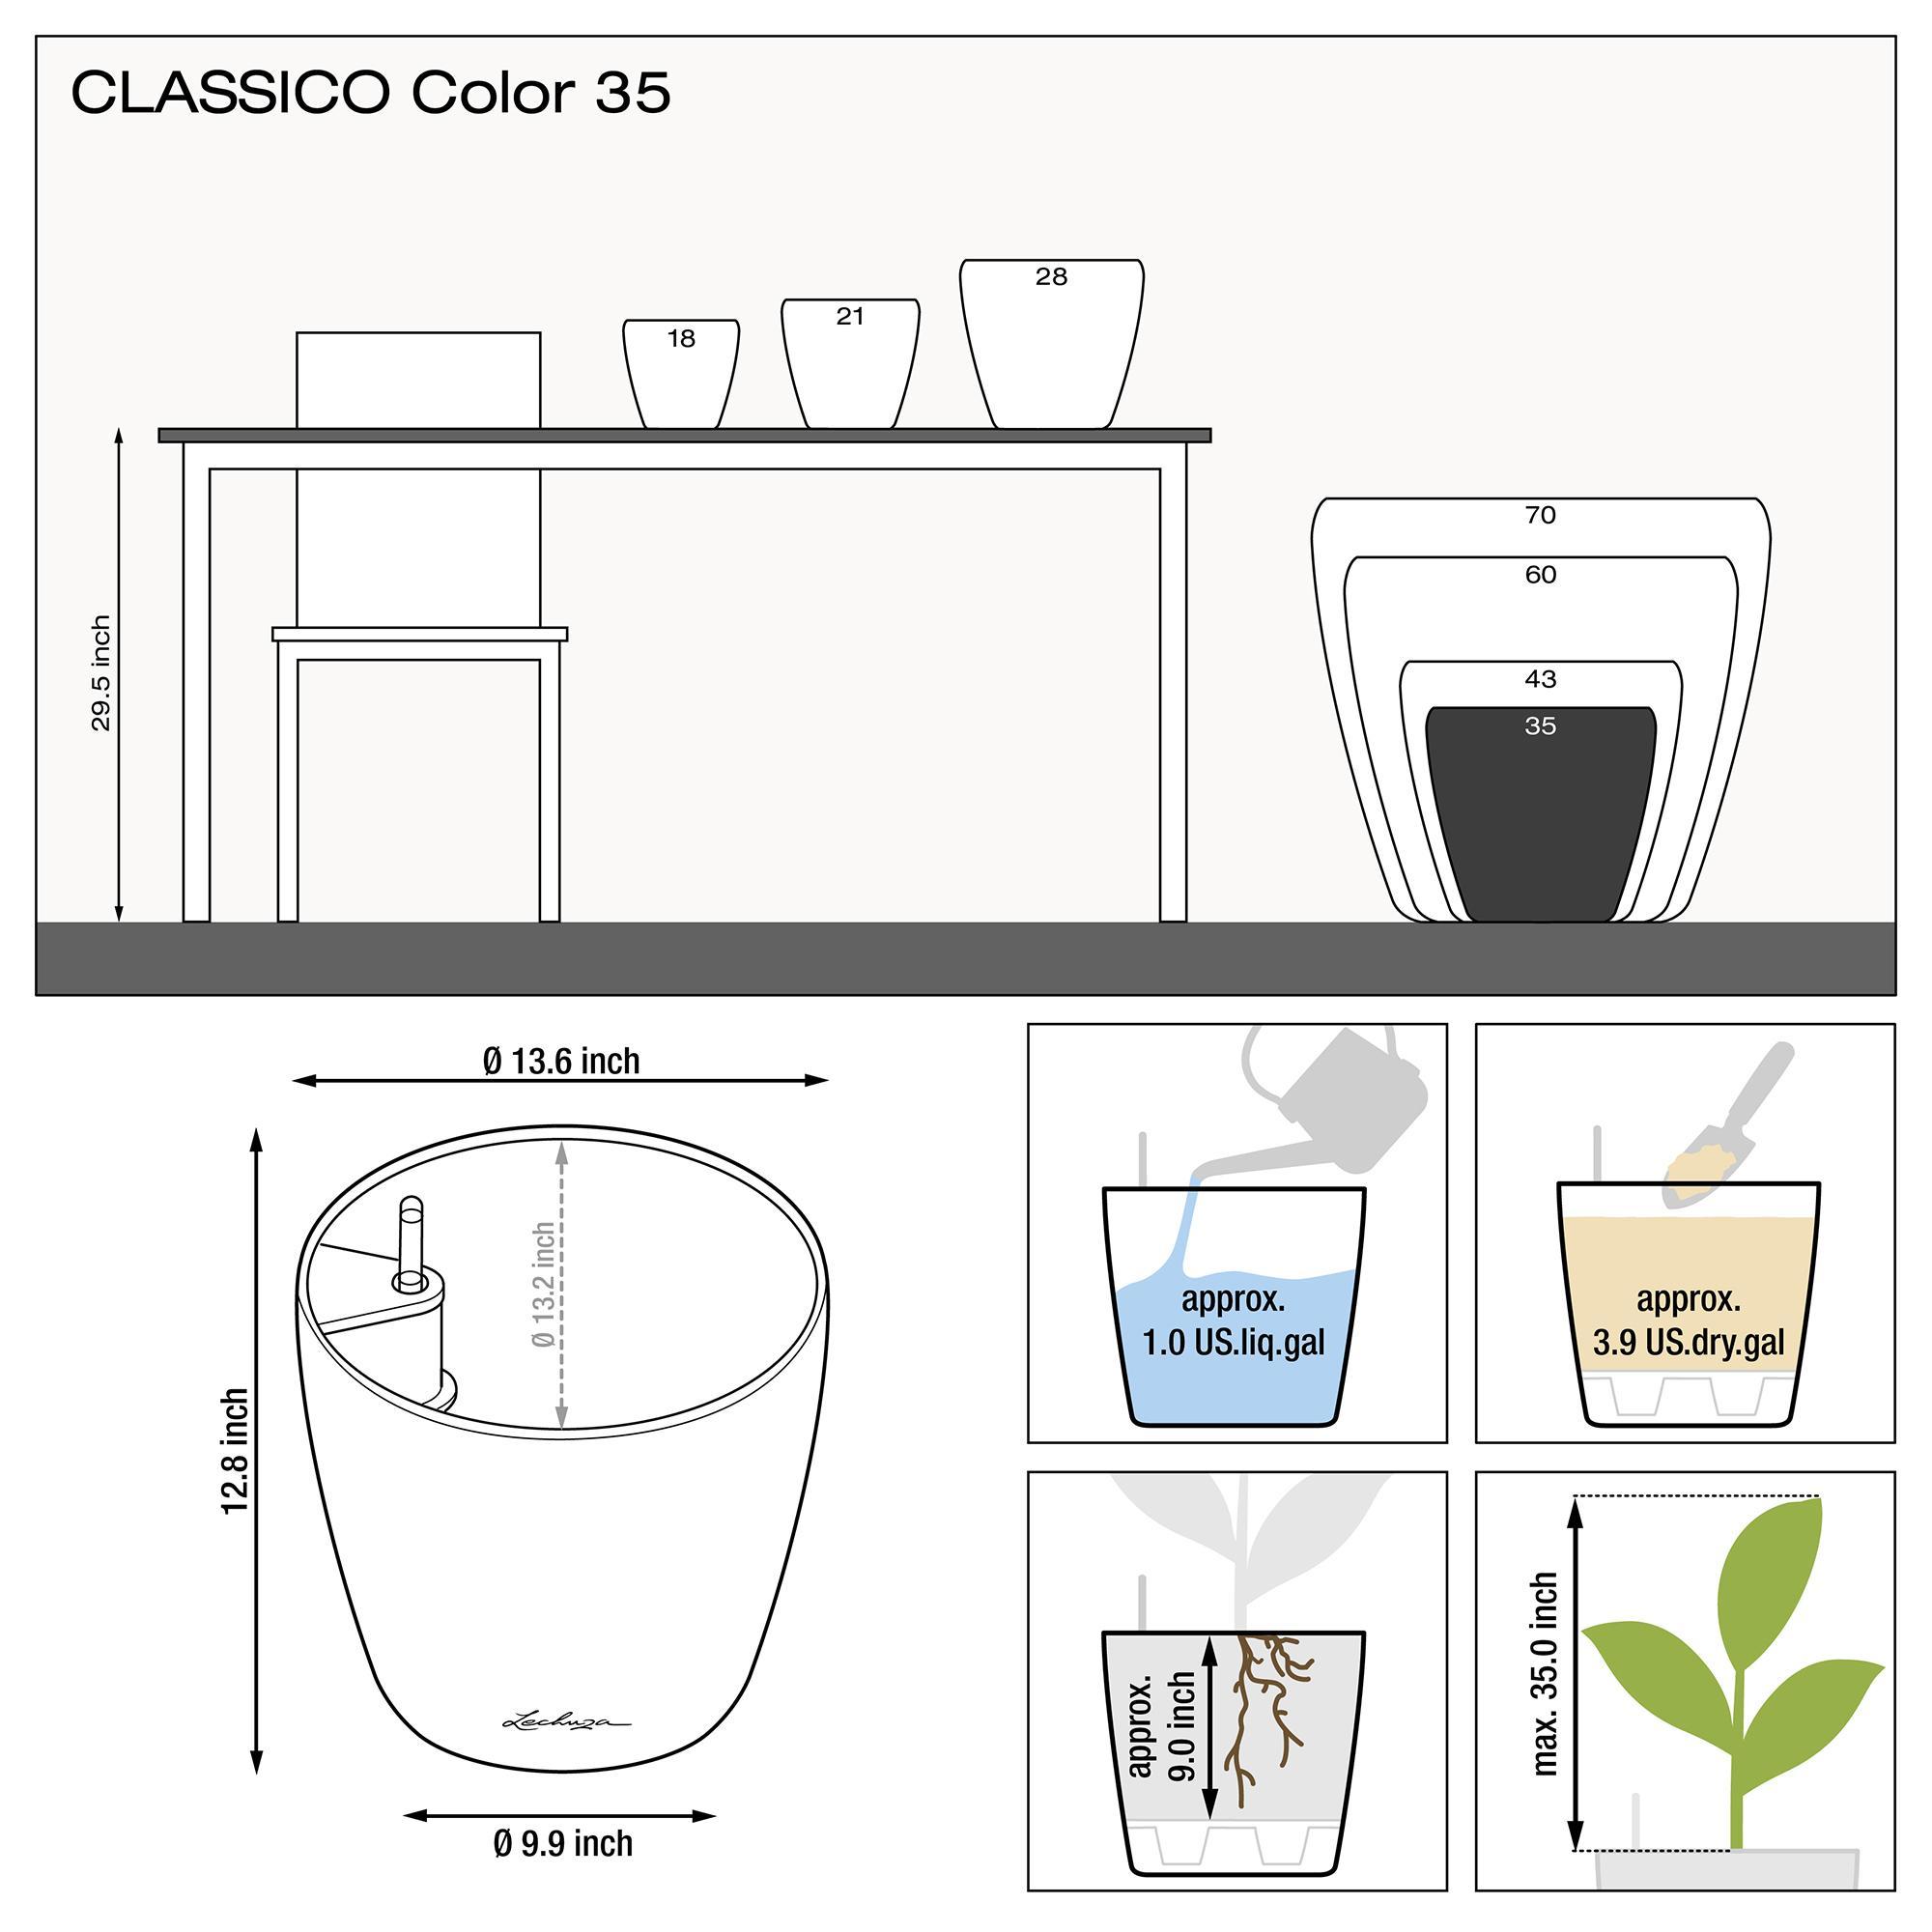 le_classico-color35_product_addi_nz_us